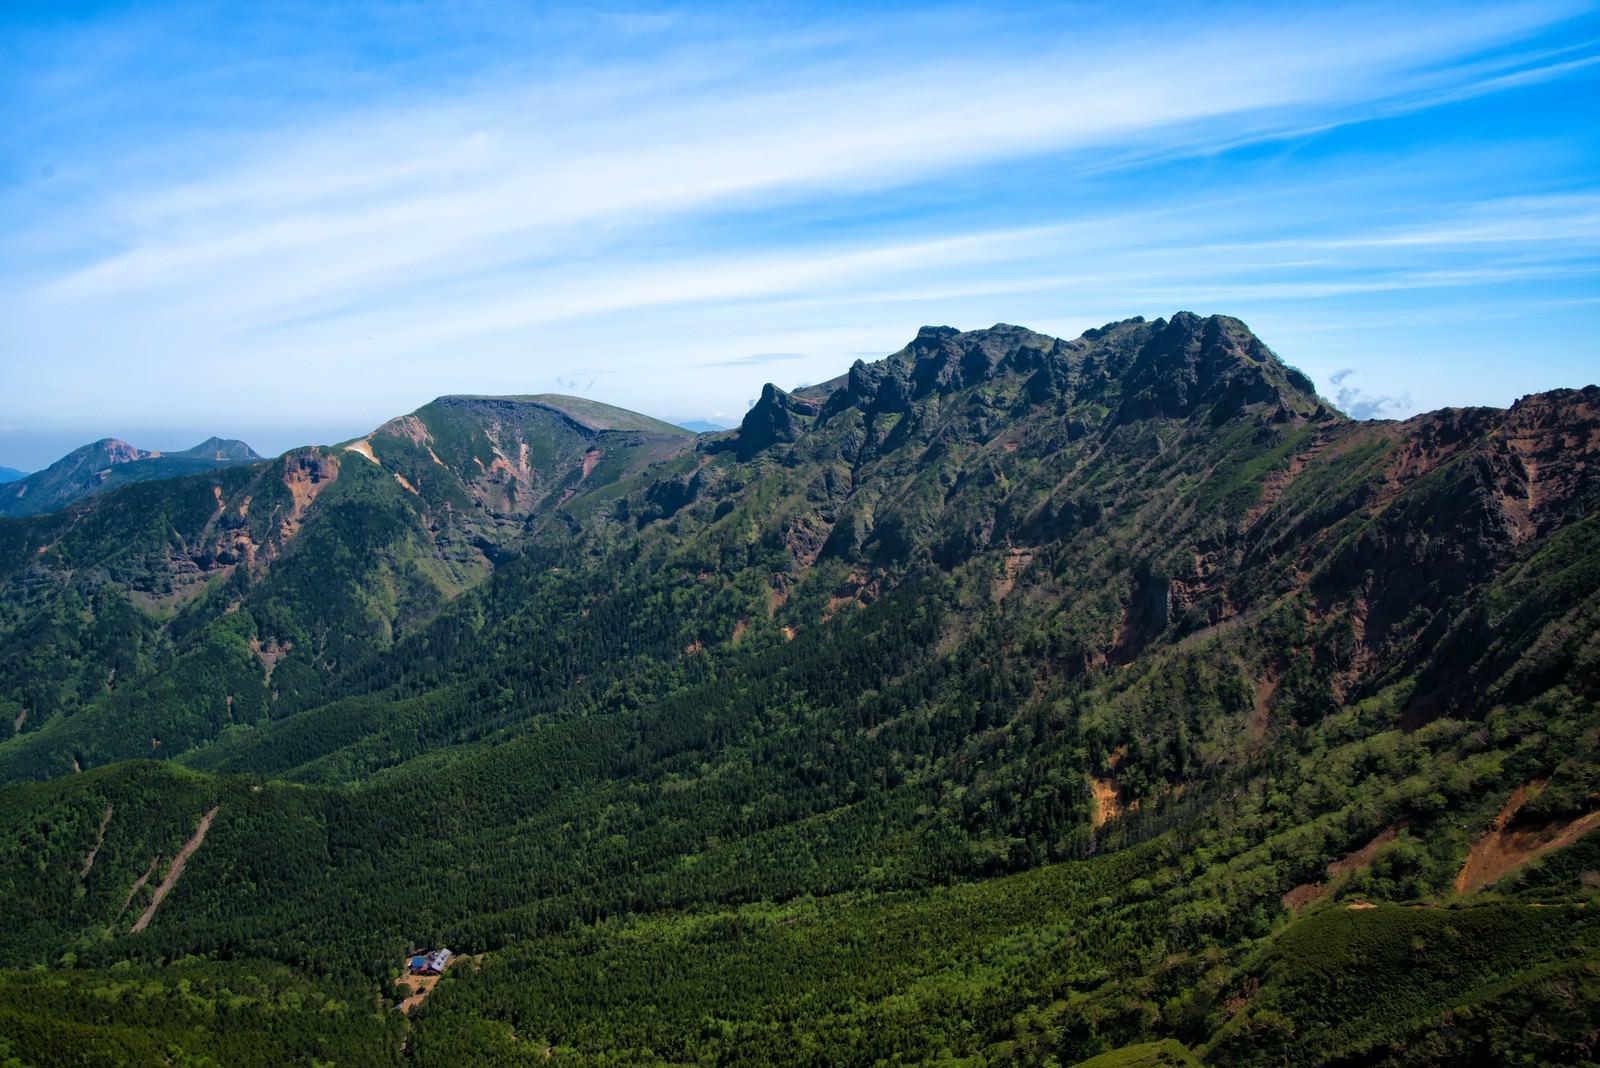 「阿弥陀山頂から望む眺望」の写真